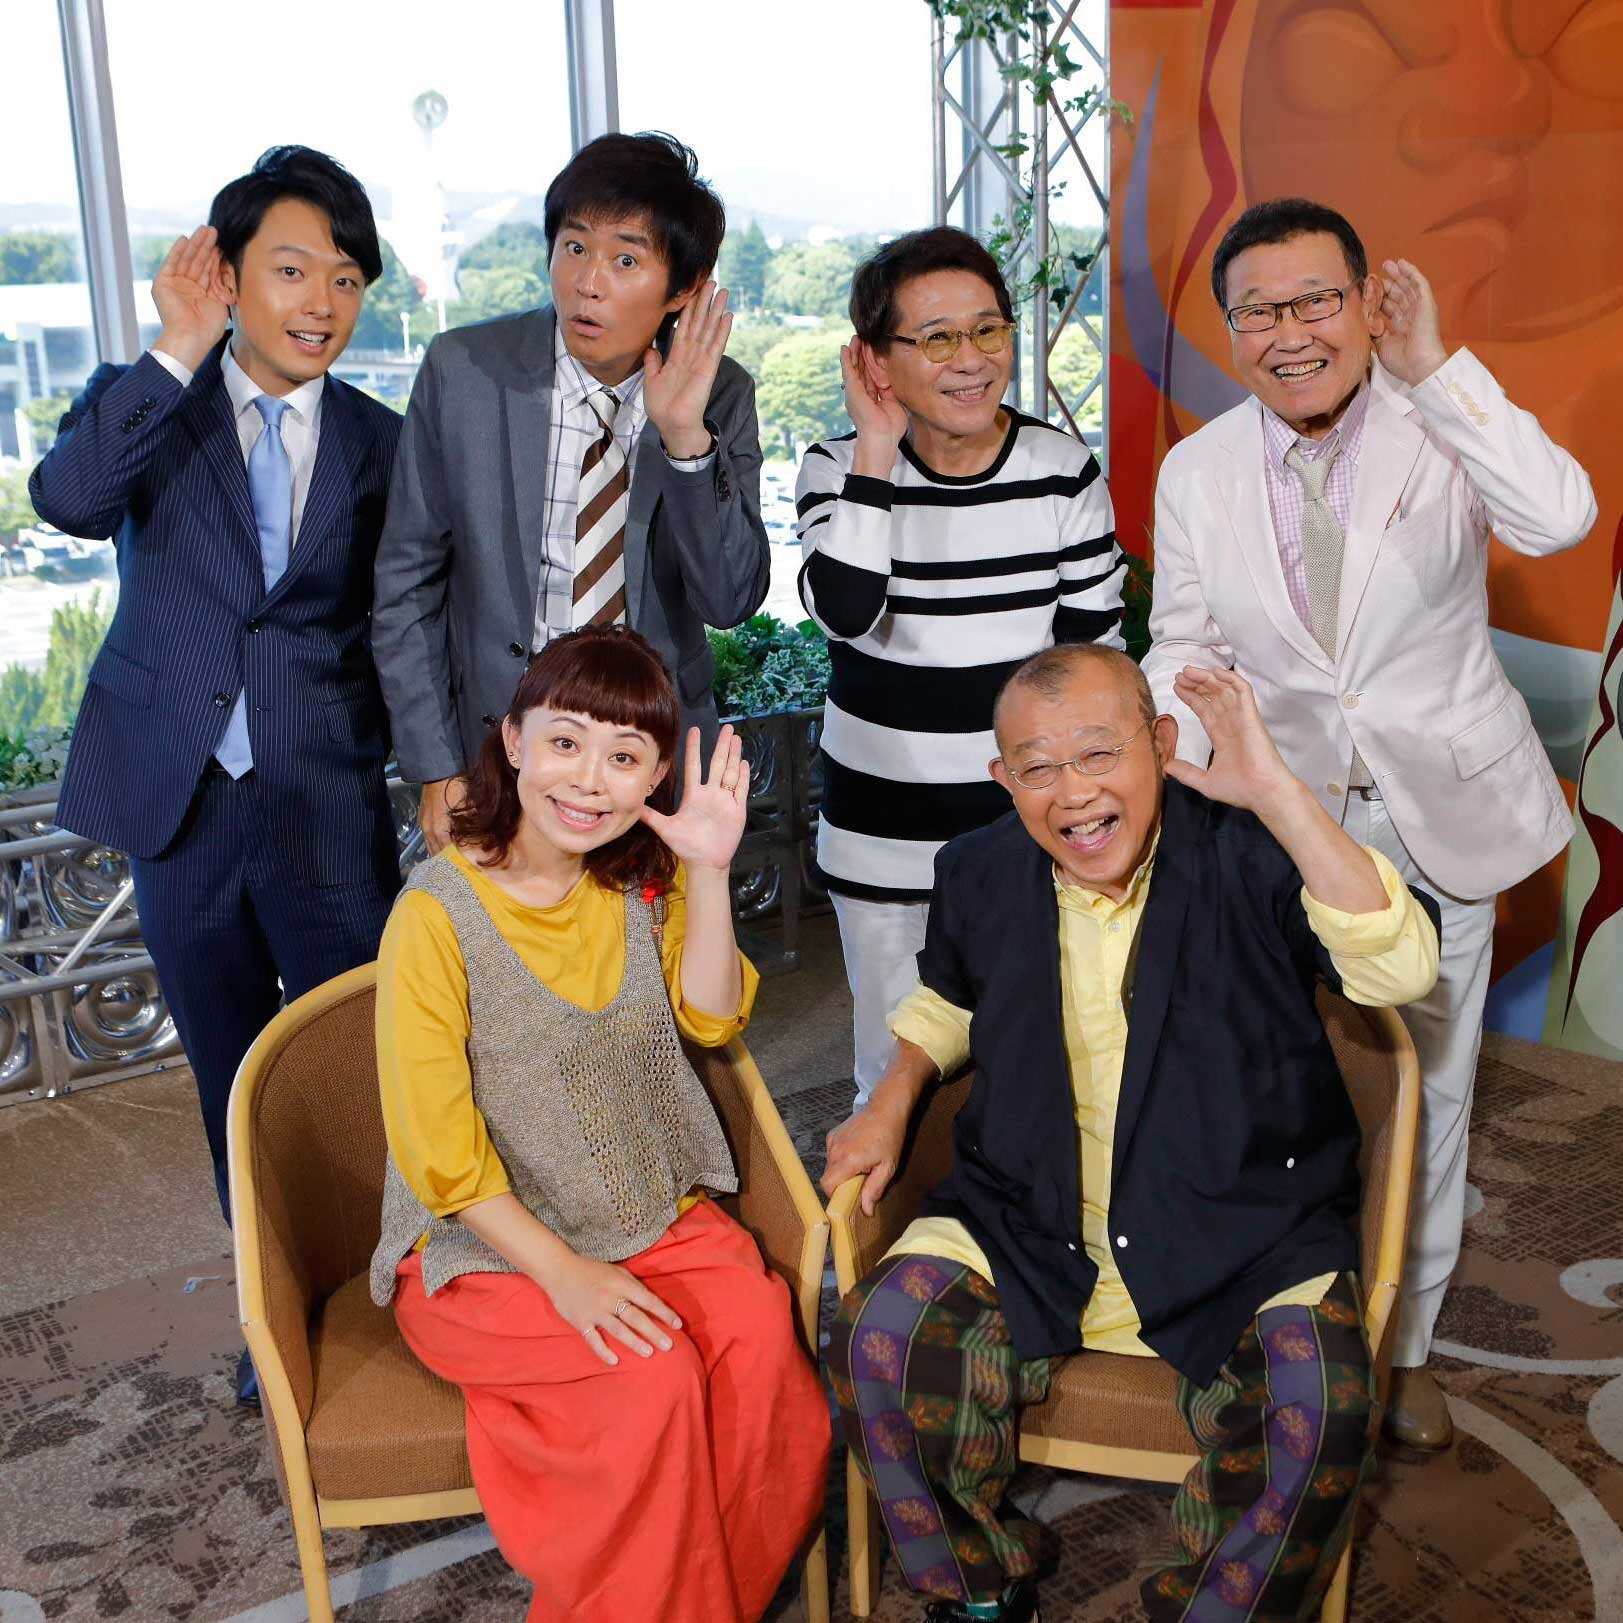 カンテレ開局60周年特別番組「鶴瓶&なるみのテレビのコト聞いてみよ!」